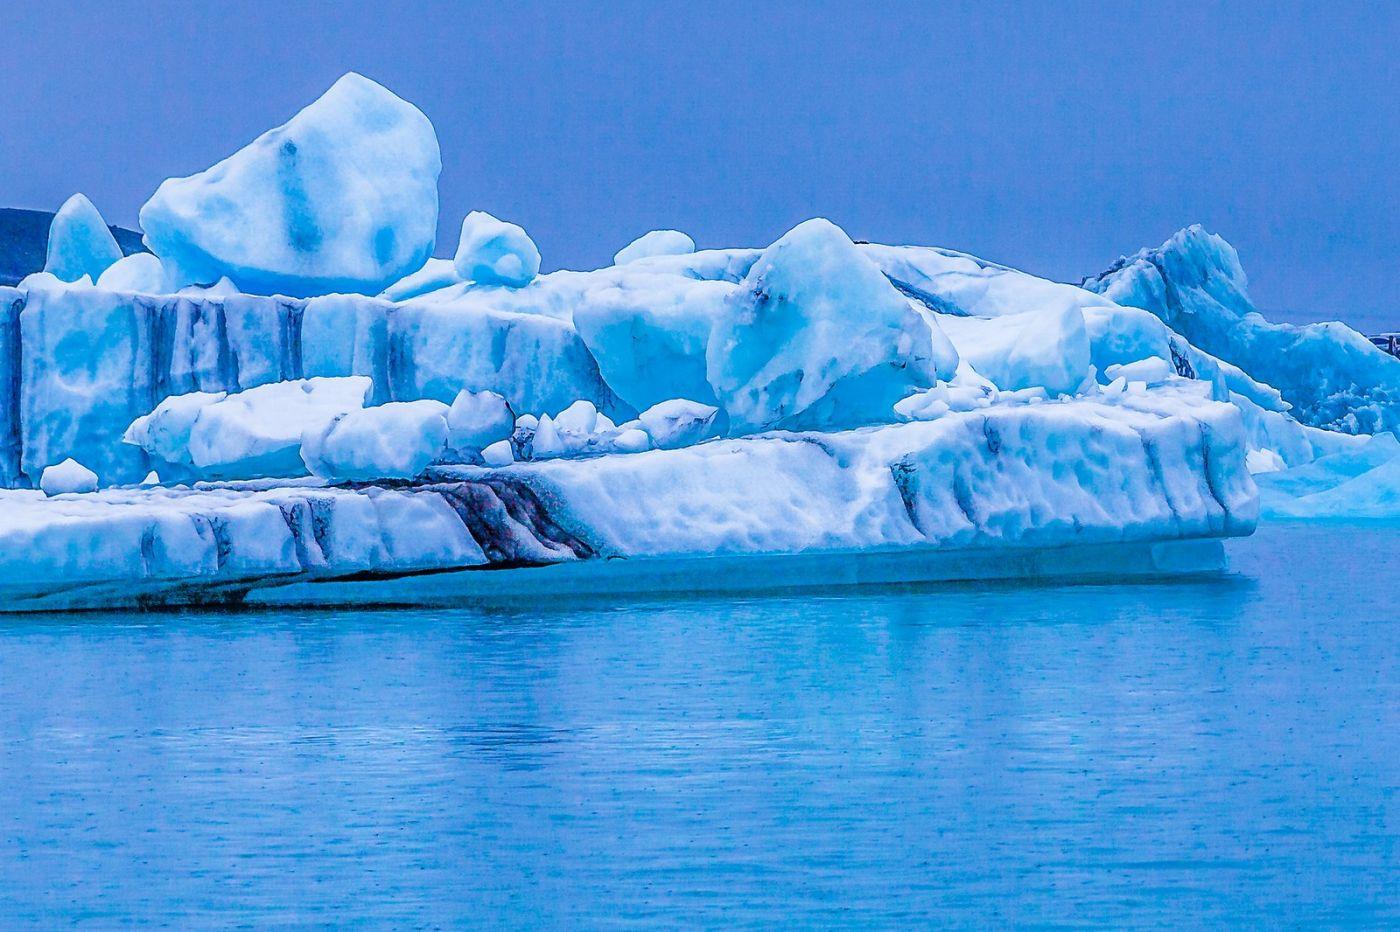 冰岛冰川泻湖(Glacier Lagoon),自然雕塑_图1-35